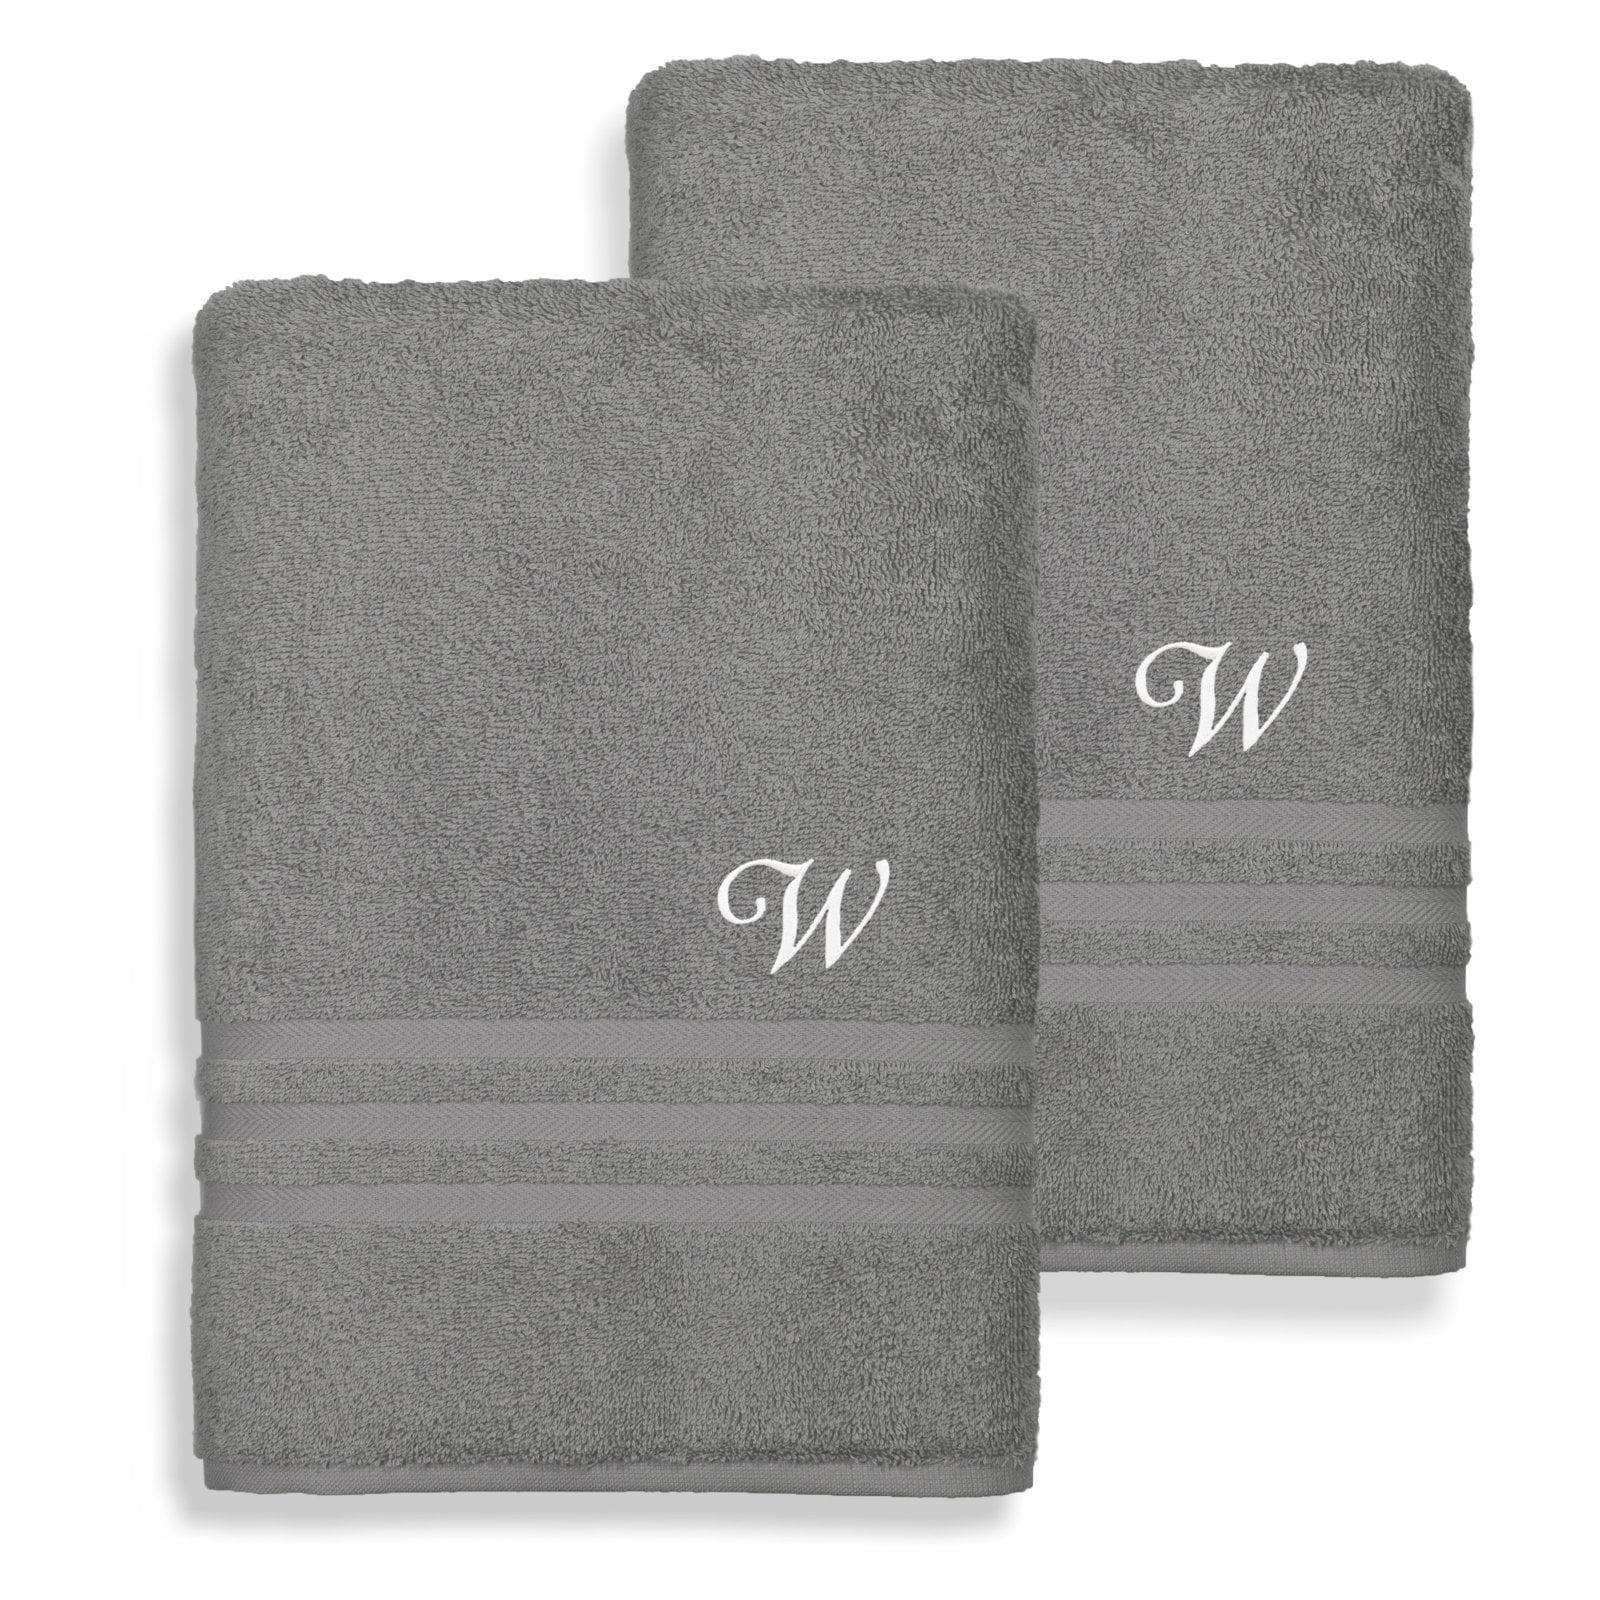 Linum Home Textiles Denzi Cotton Bath Towels Set of 2 by Overstock